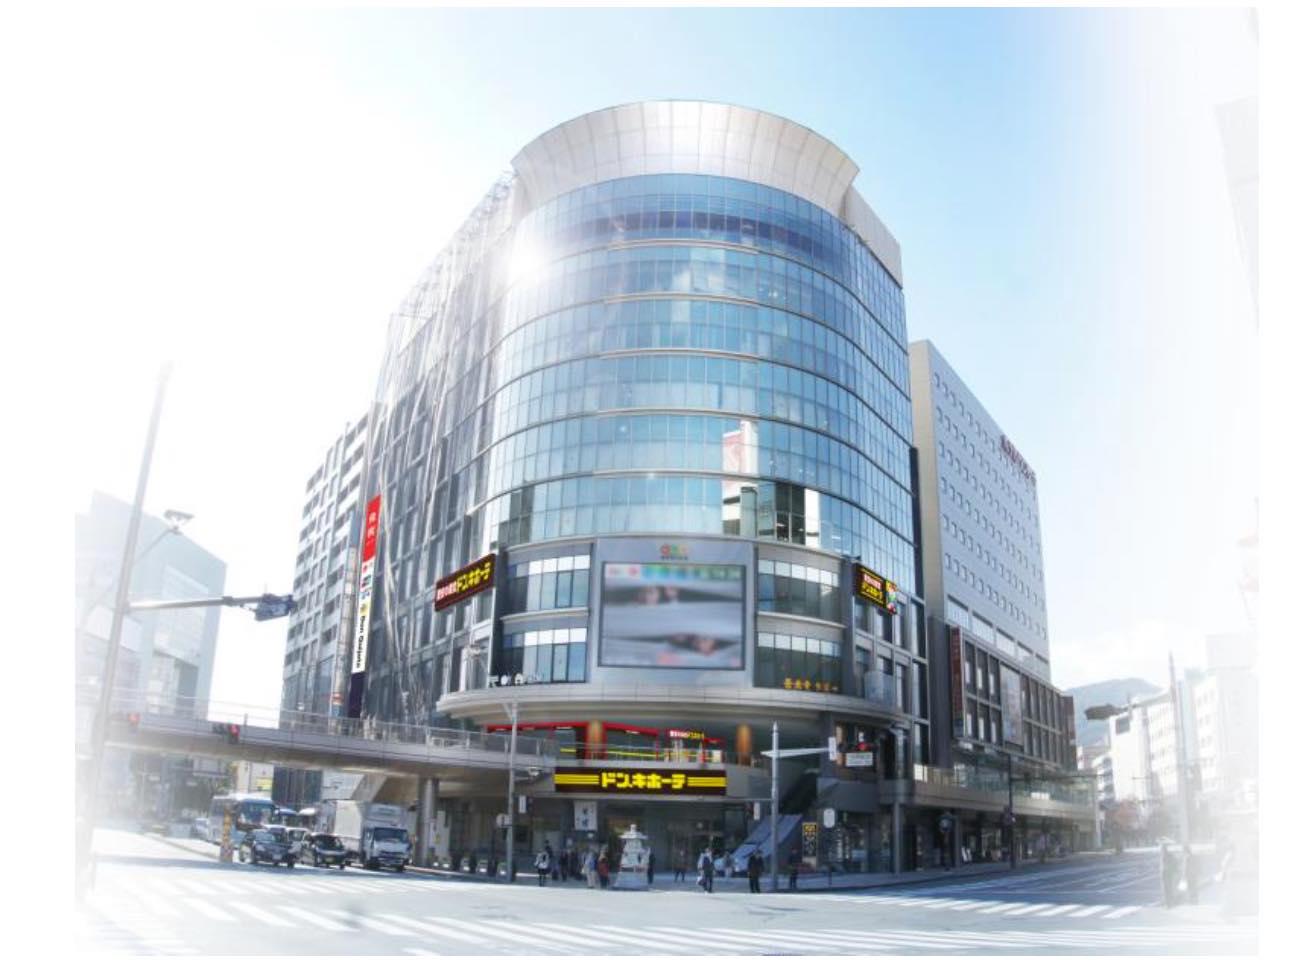 ドン・キホーテ長野駅前店が9月1日オープン!ウエストプラザ長野